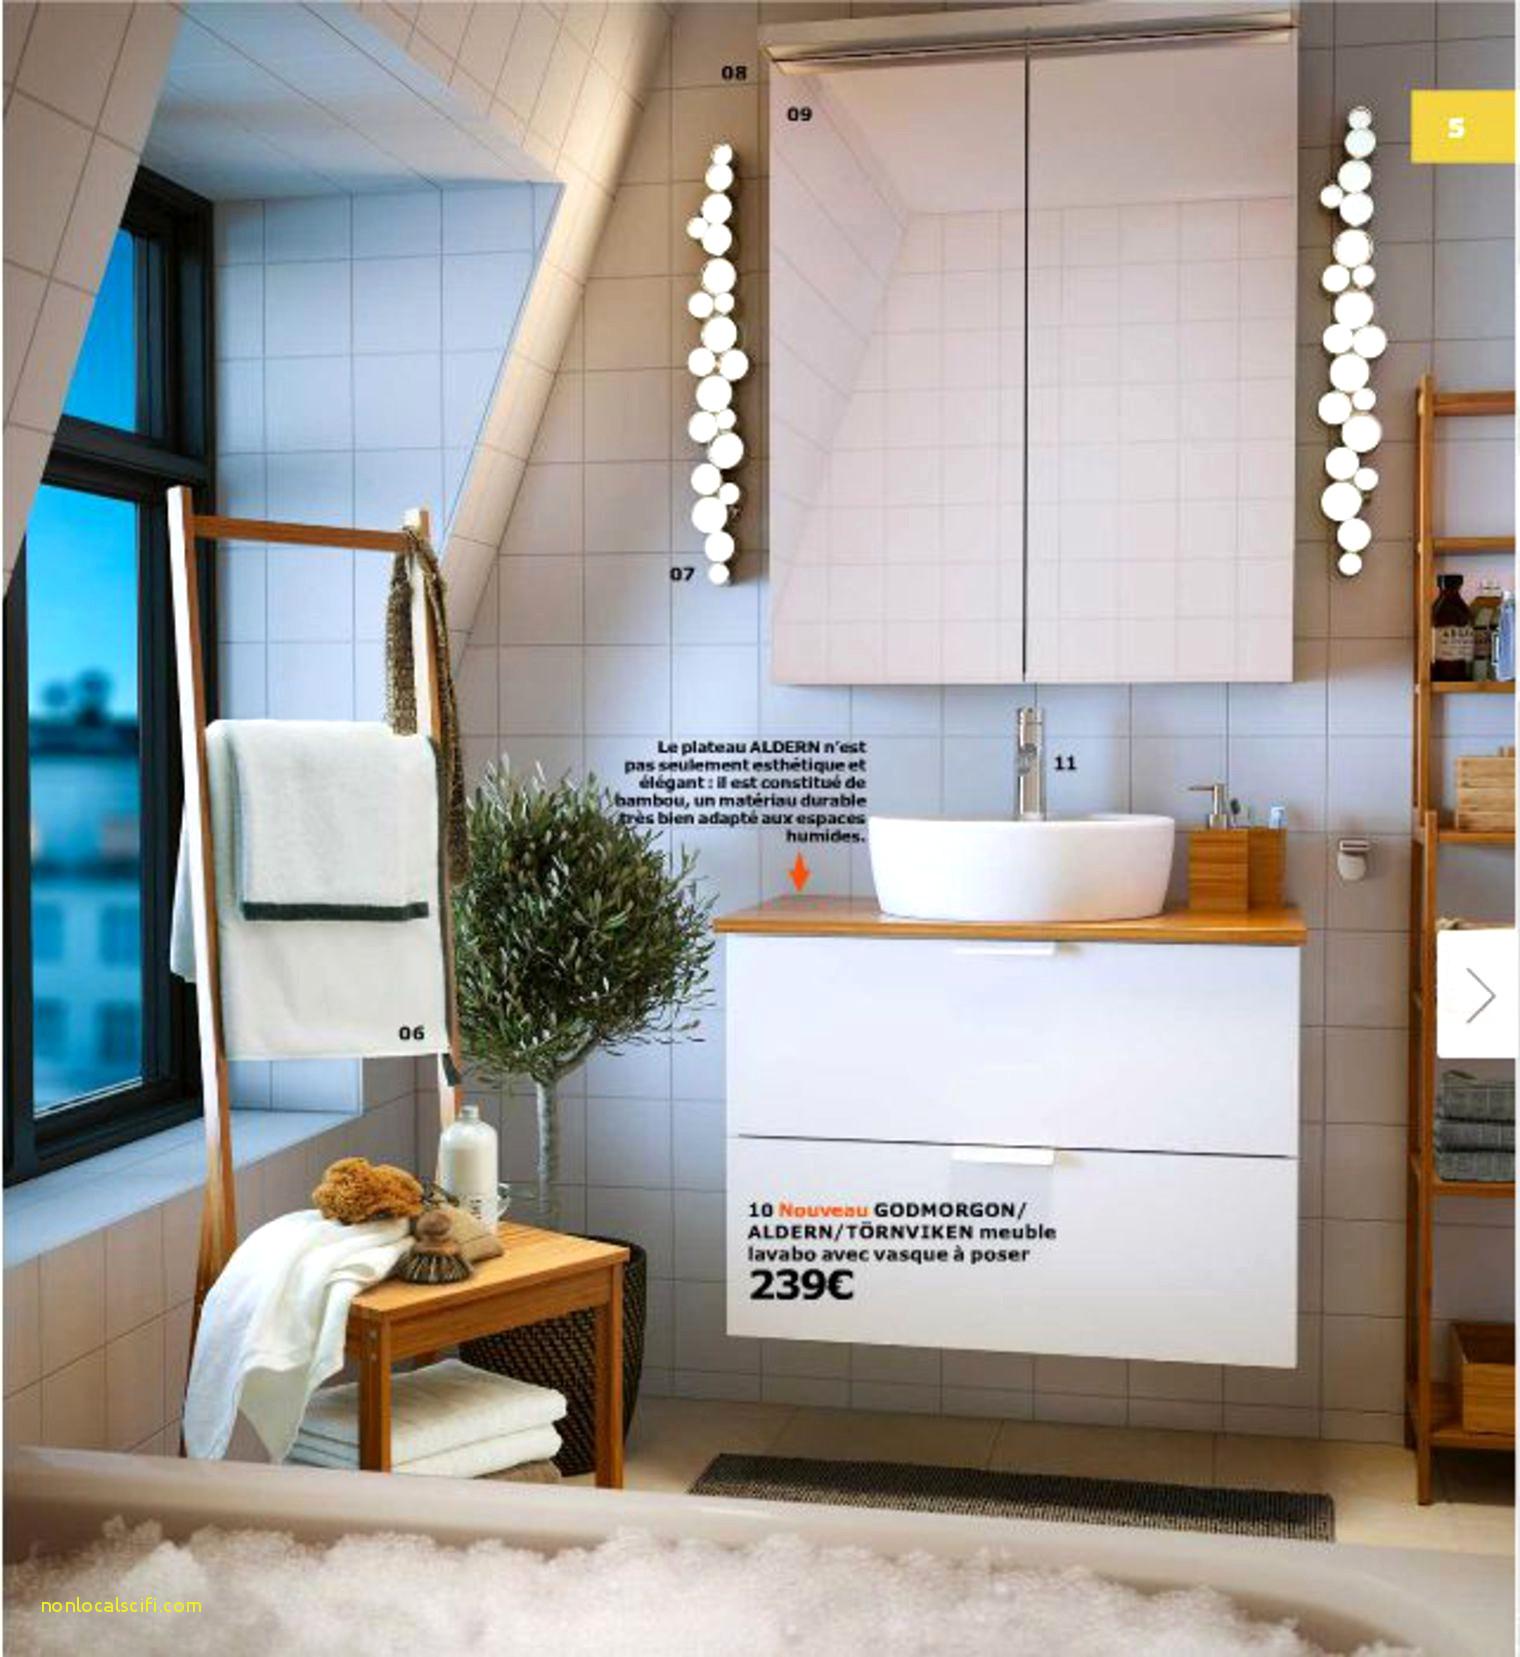 Applique Salle De Bain Ikea Unique Galerie Résultat Supérieur Applique Sdb Frais 23 Luxe Luminaire Salle De